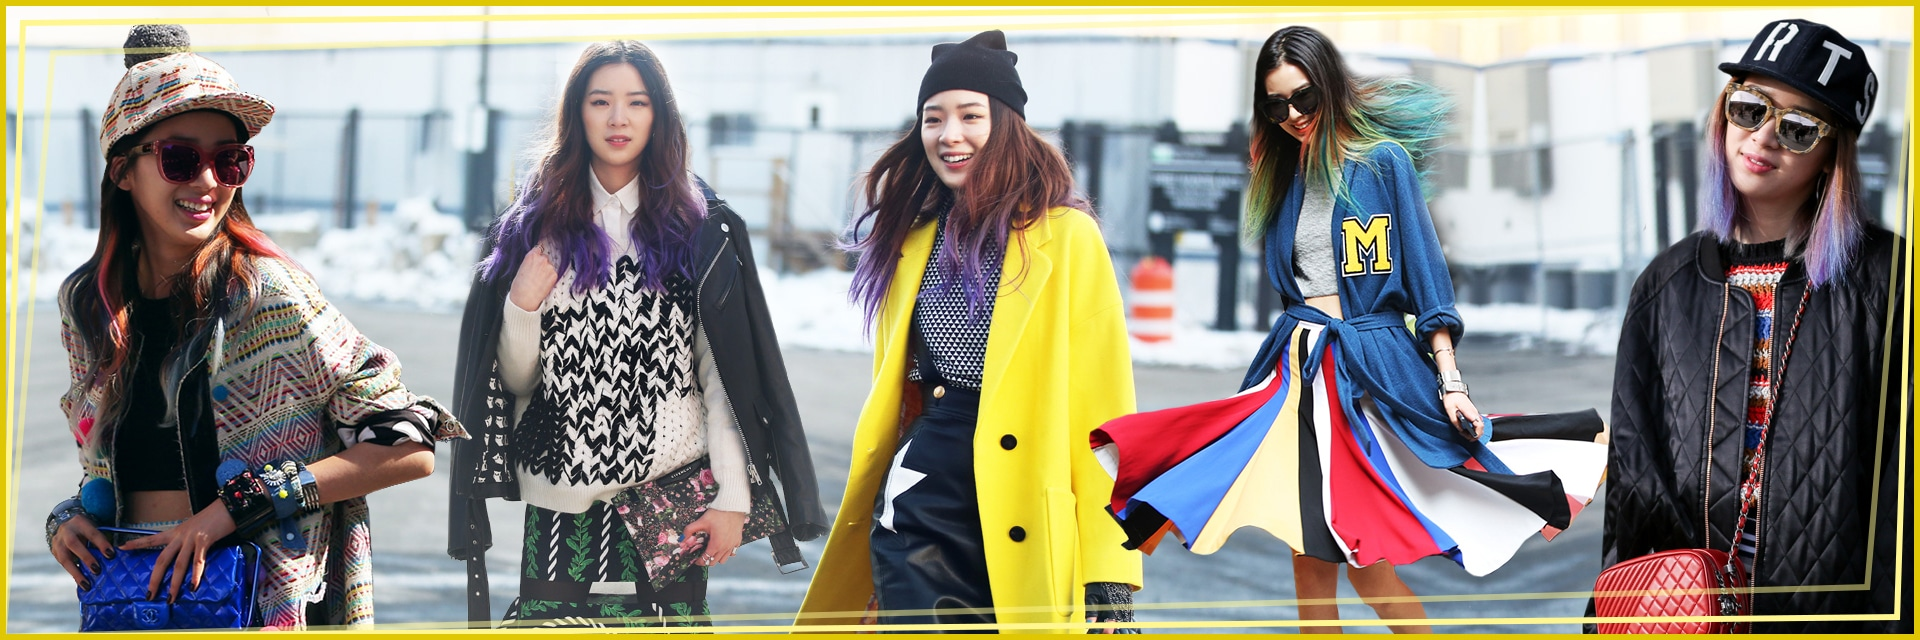 Irene Kim: i look della modella dai capelli arcobaleno